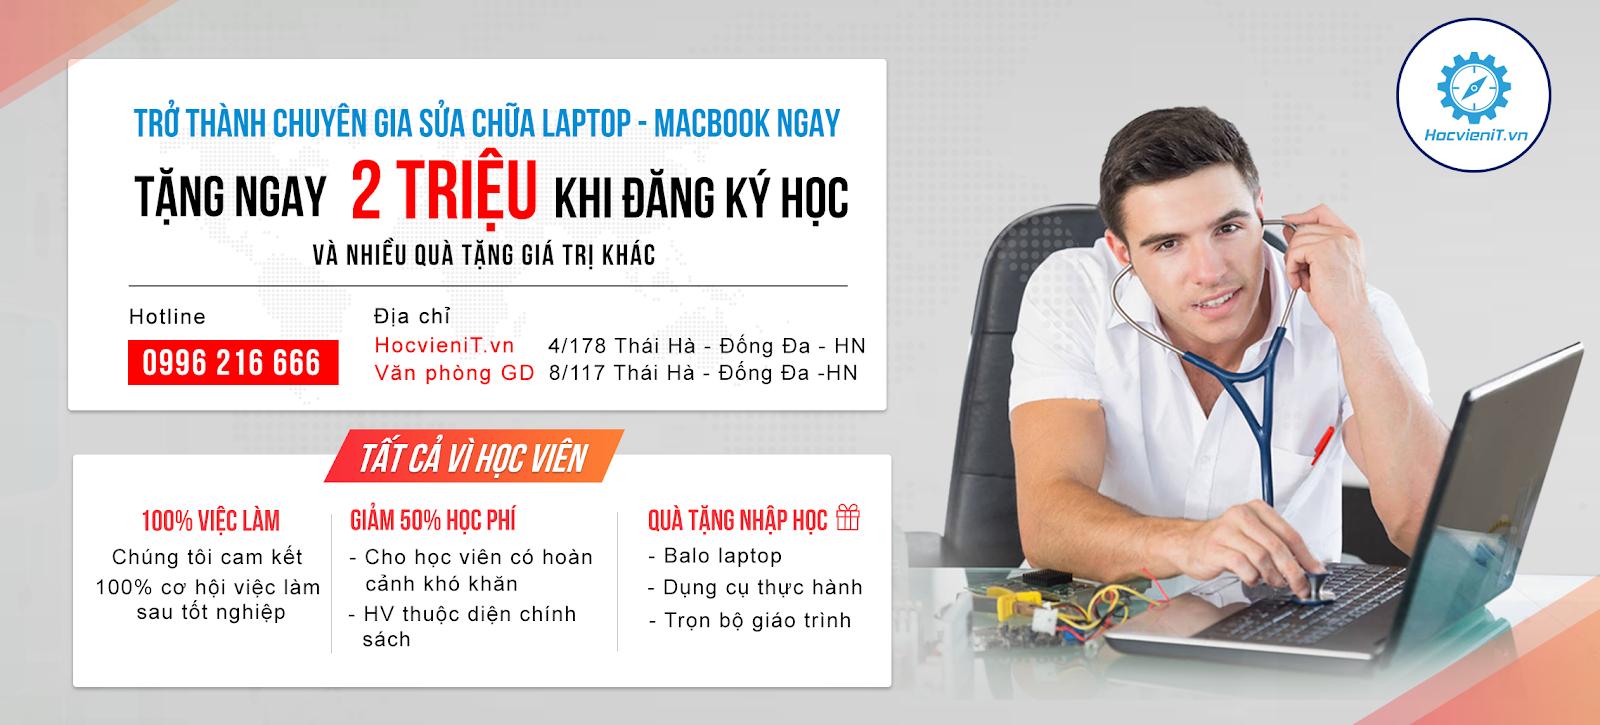 sua-chua-laptop-chuyen-nghiep-ha-noi-1